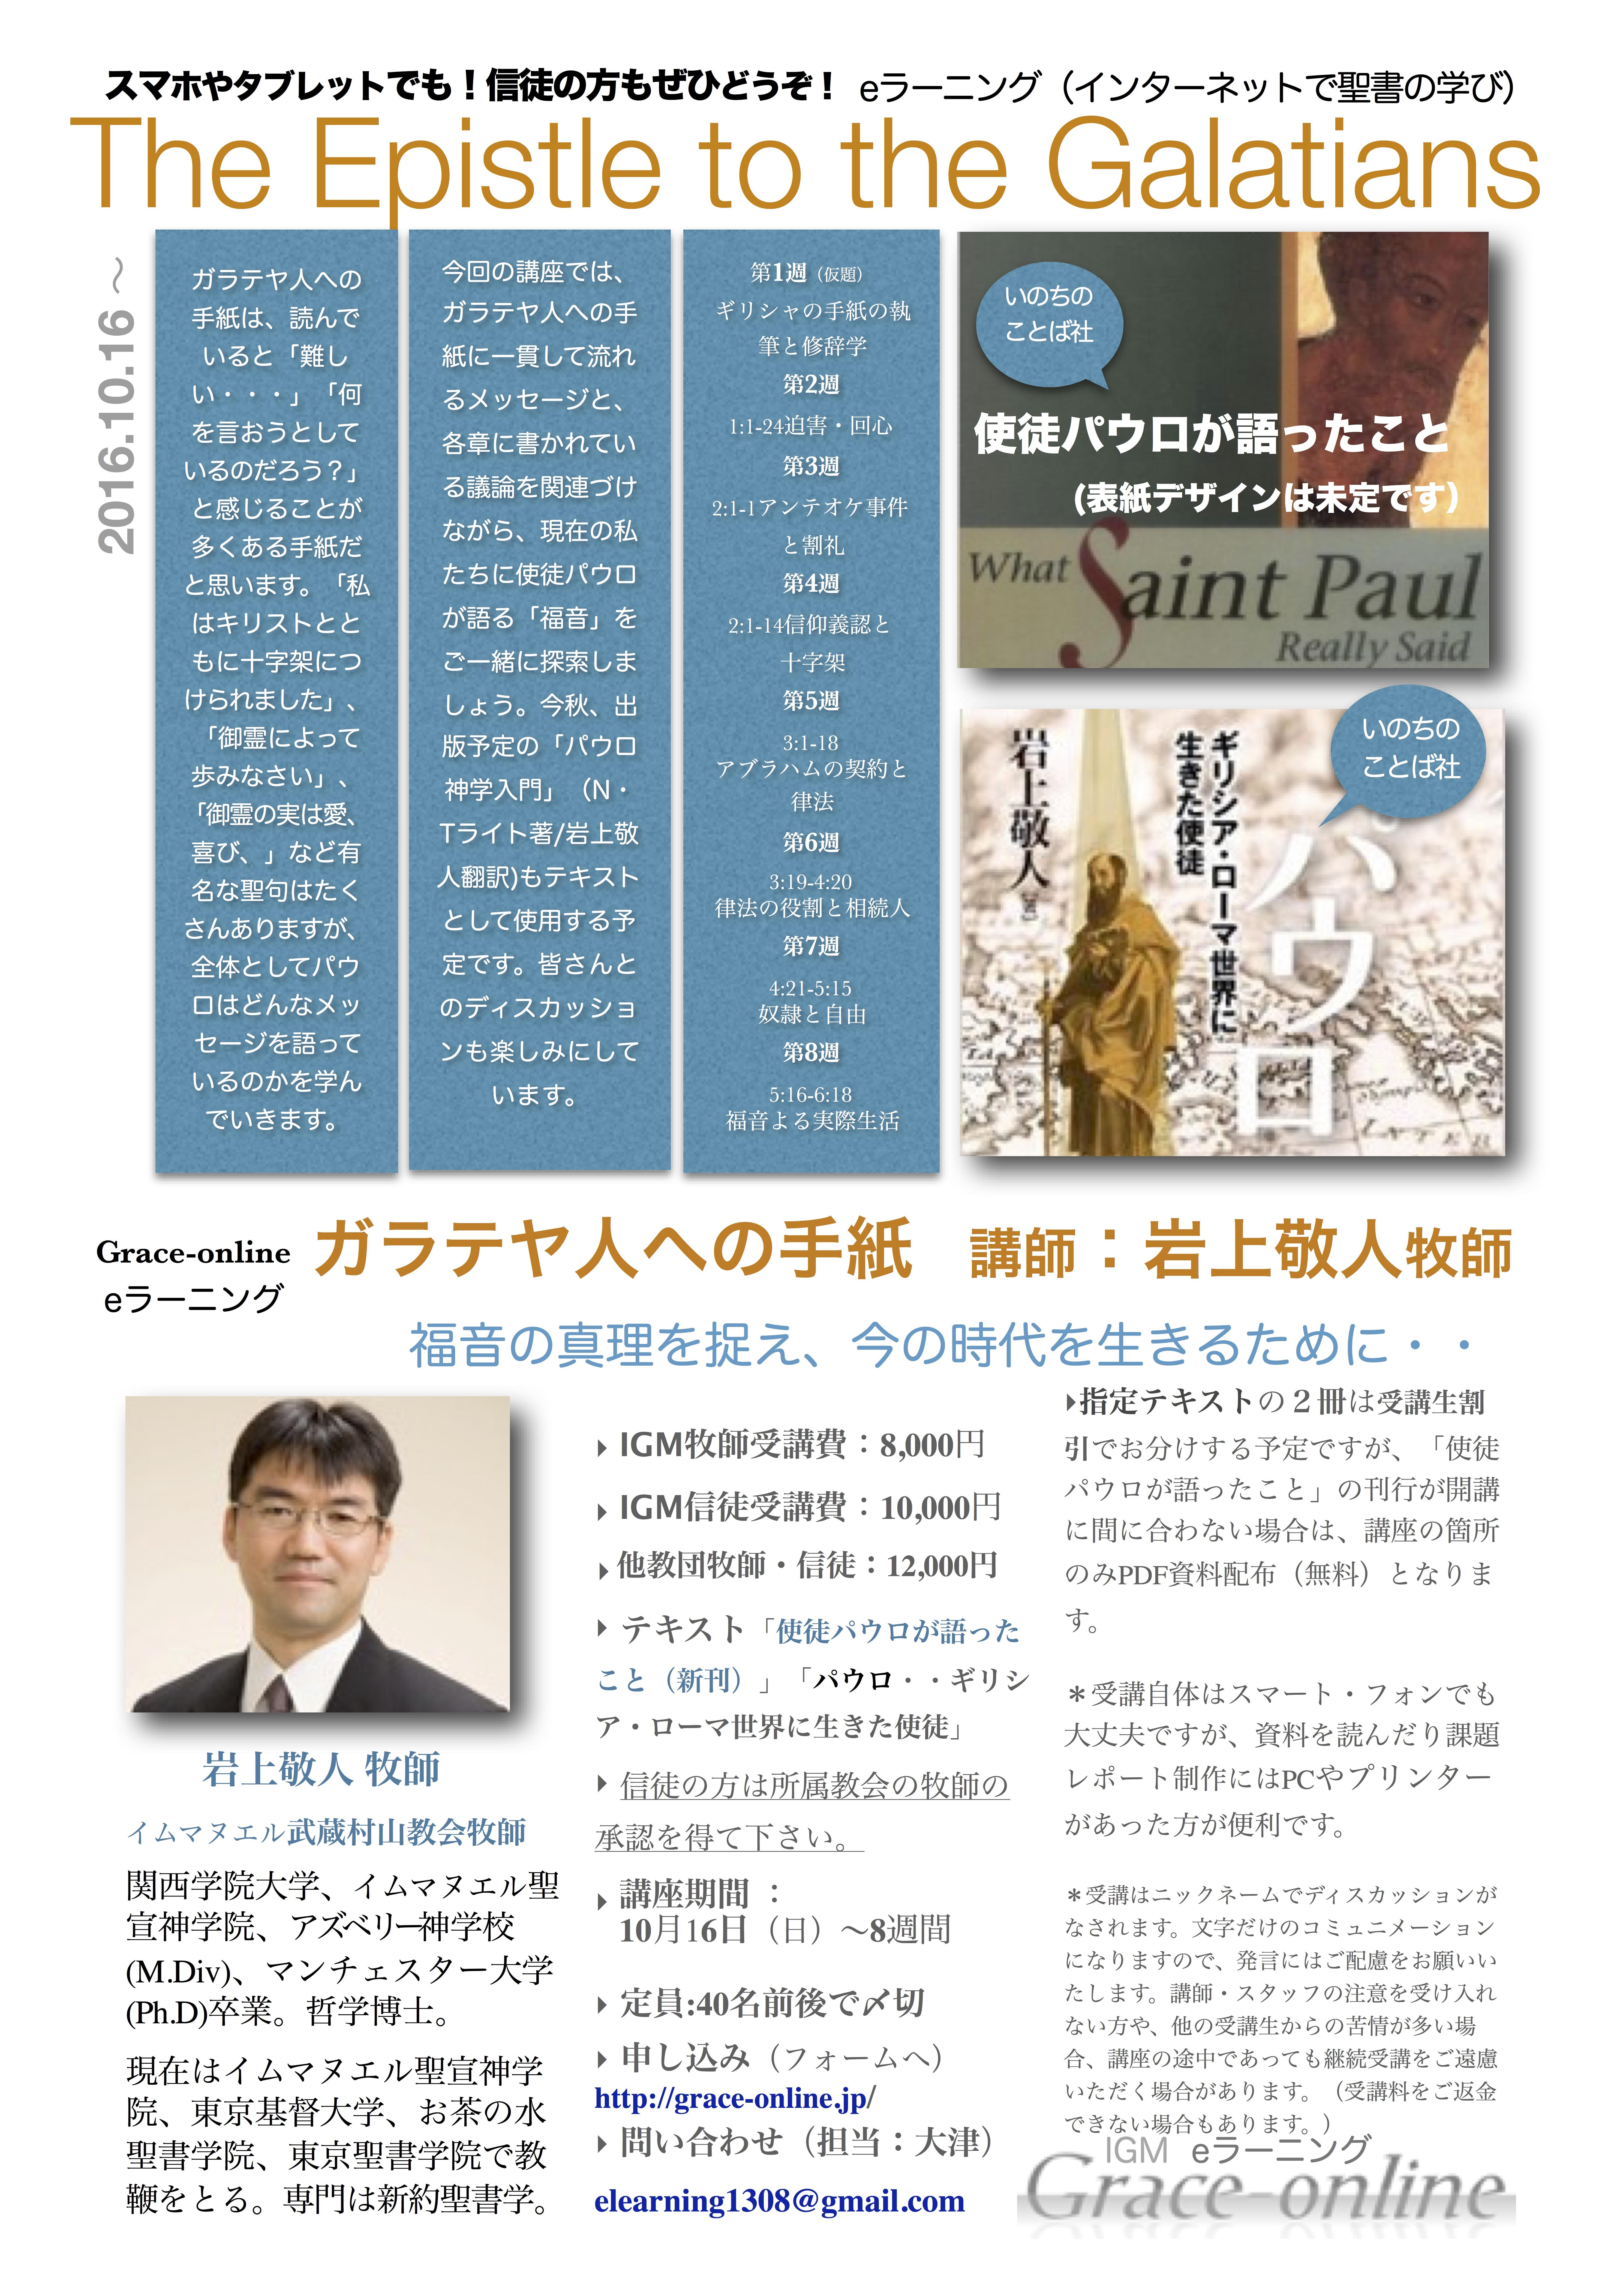 eラーニング「ガラテヤ人への手紙」岩上敬人先生